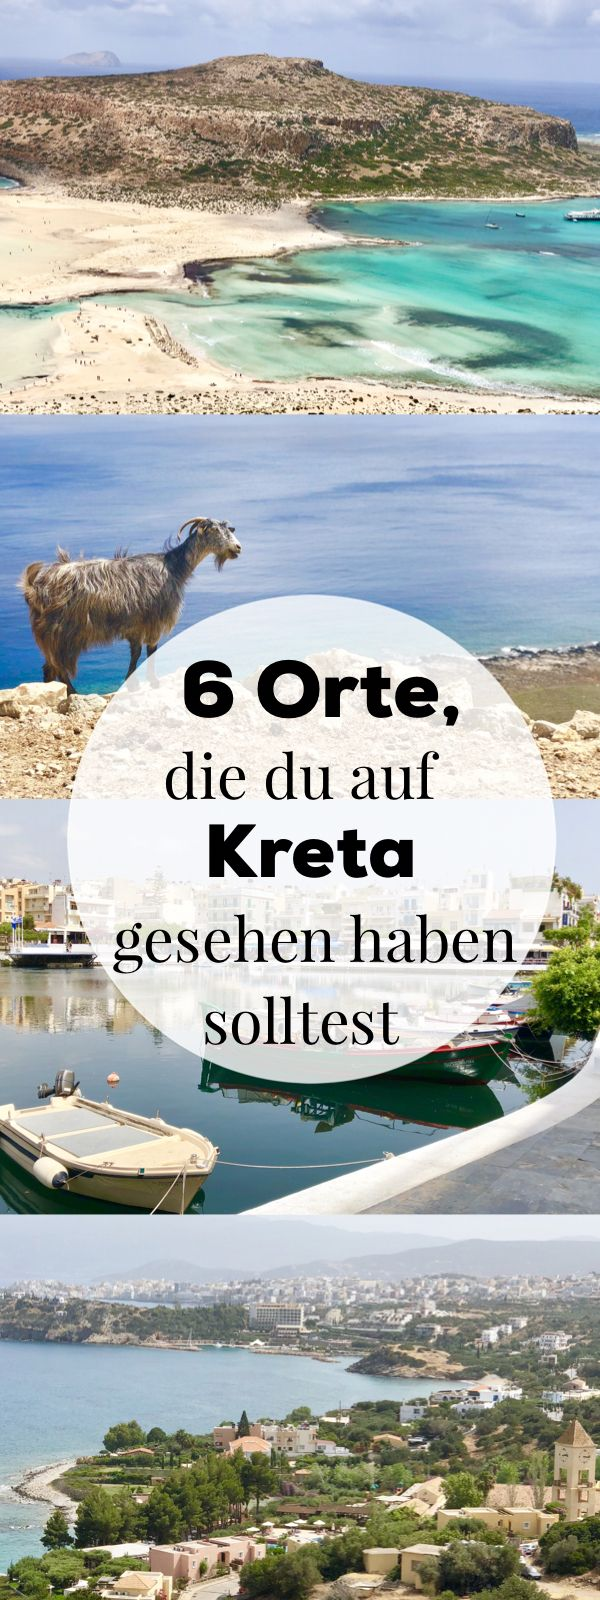 Photo of Kreta Urlaub – 6 Orte, die du dort auf jeden Fall besuchen solltest